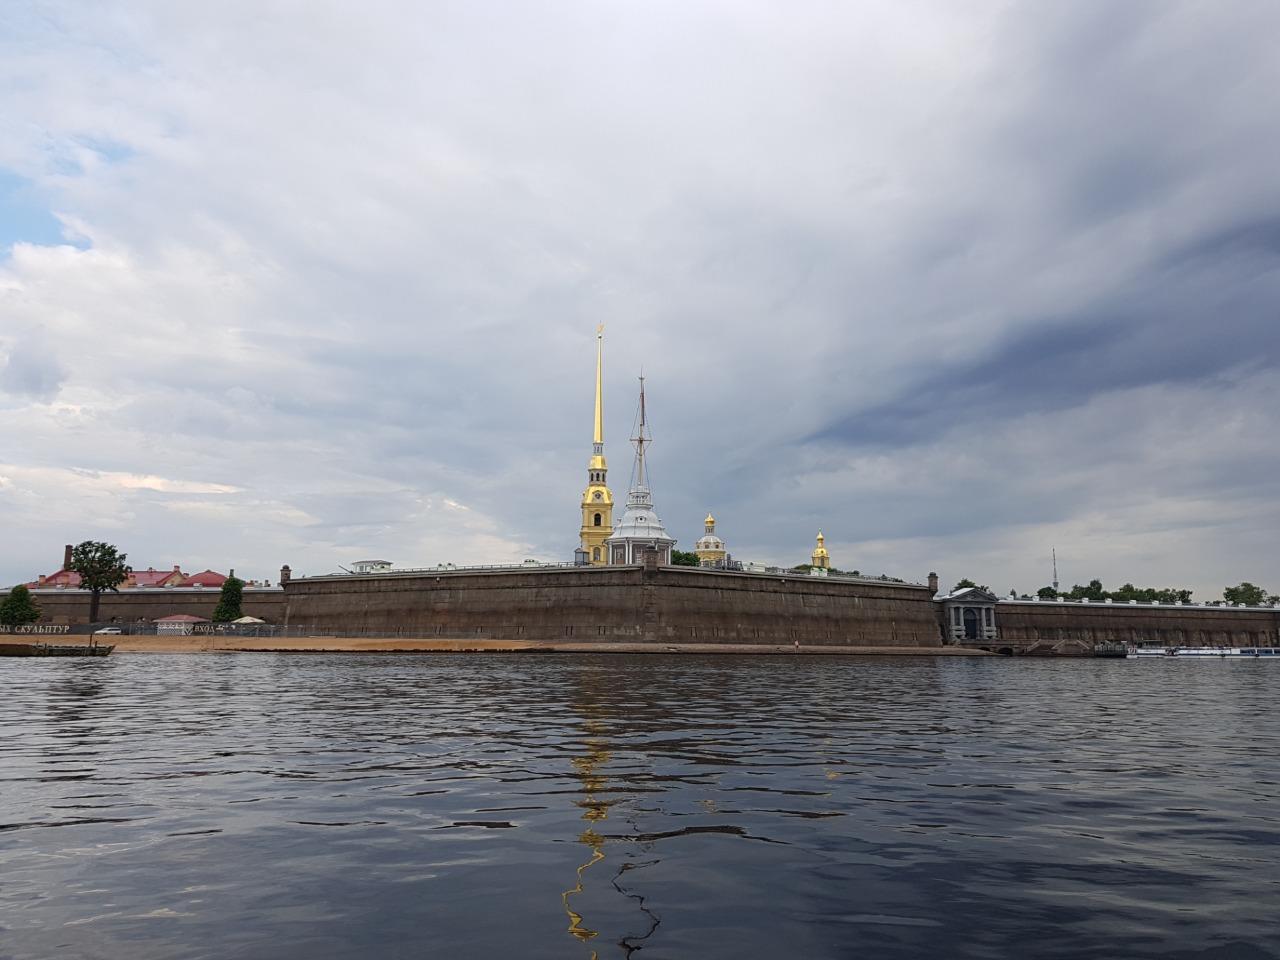 Знакомство с Петербургом - индивидуальная экскурсия по Санкт-Петербургу от опытного гида